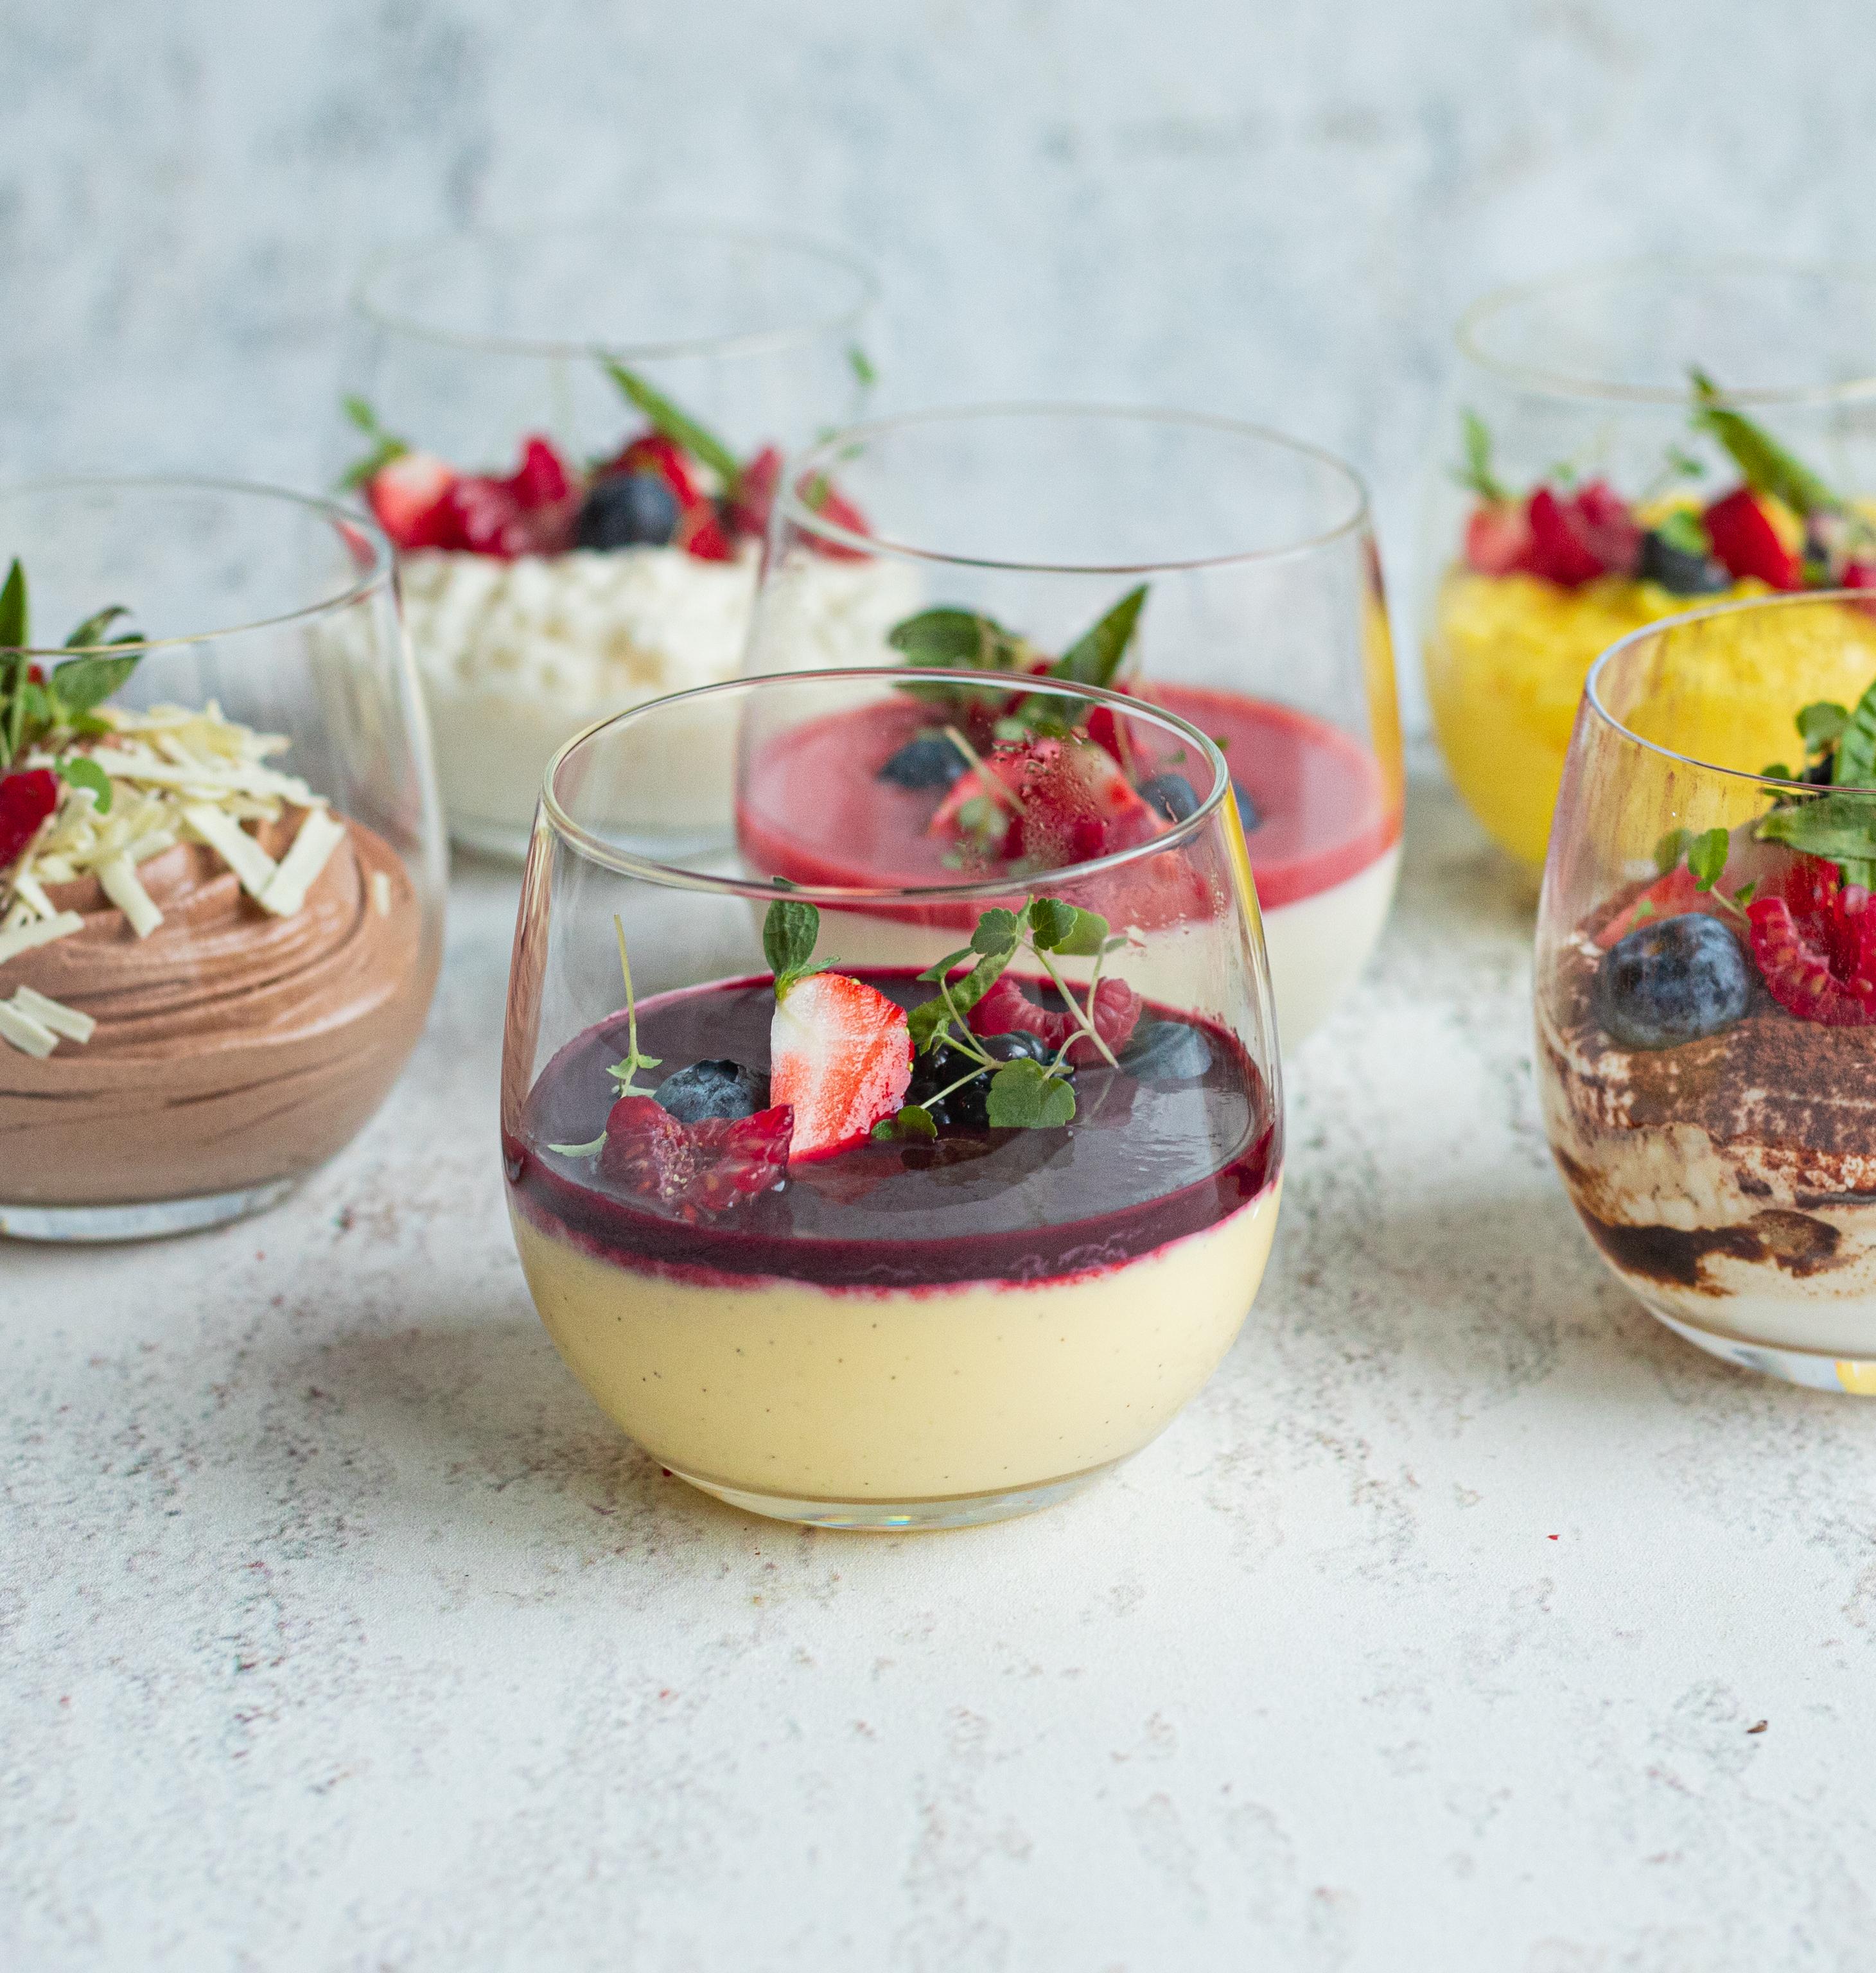 Vanillecreme met rode vruchtencoulis